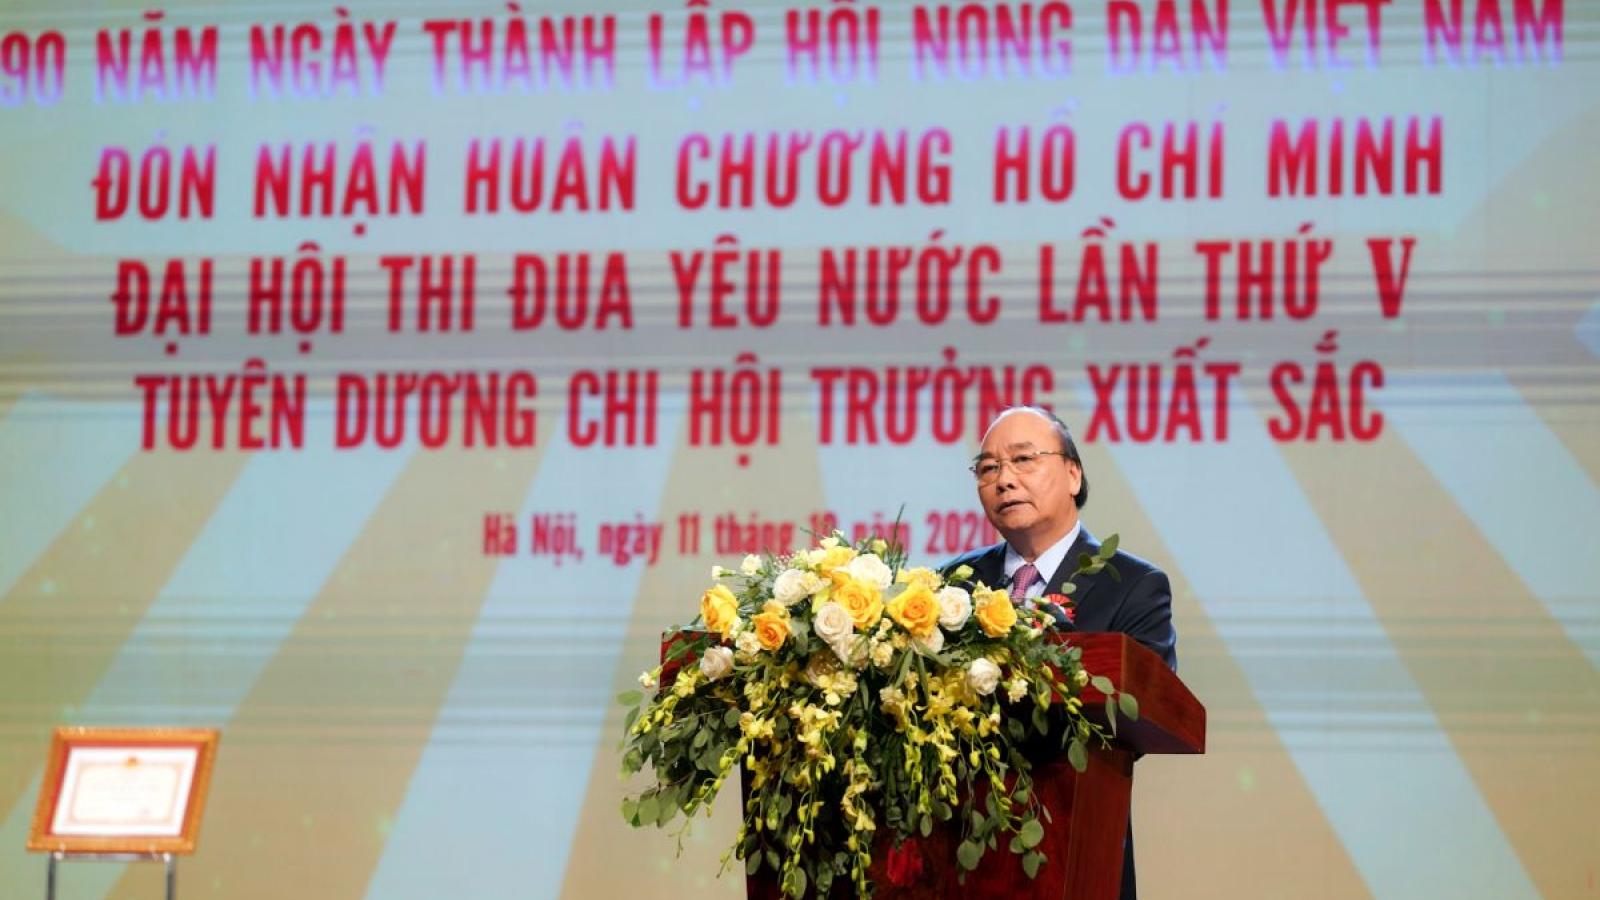 Thủ tướng: Chúng ta tin tưởng giai cấp nông dân Việt Nam tự cường, sáng tạo